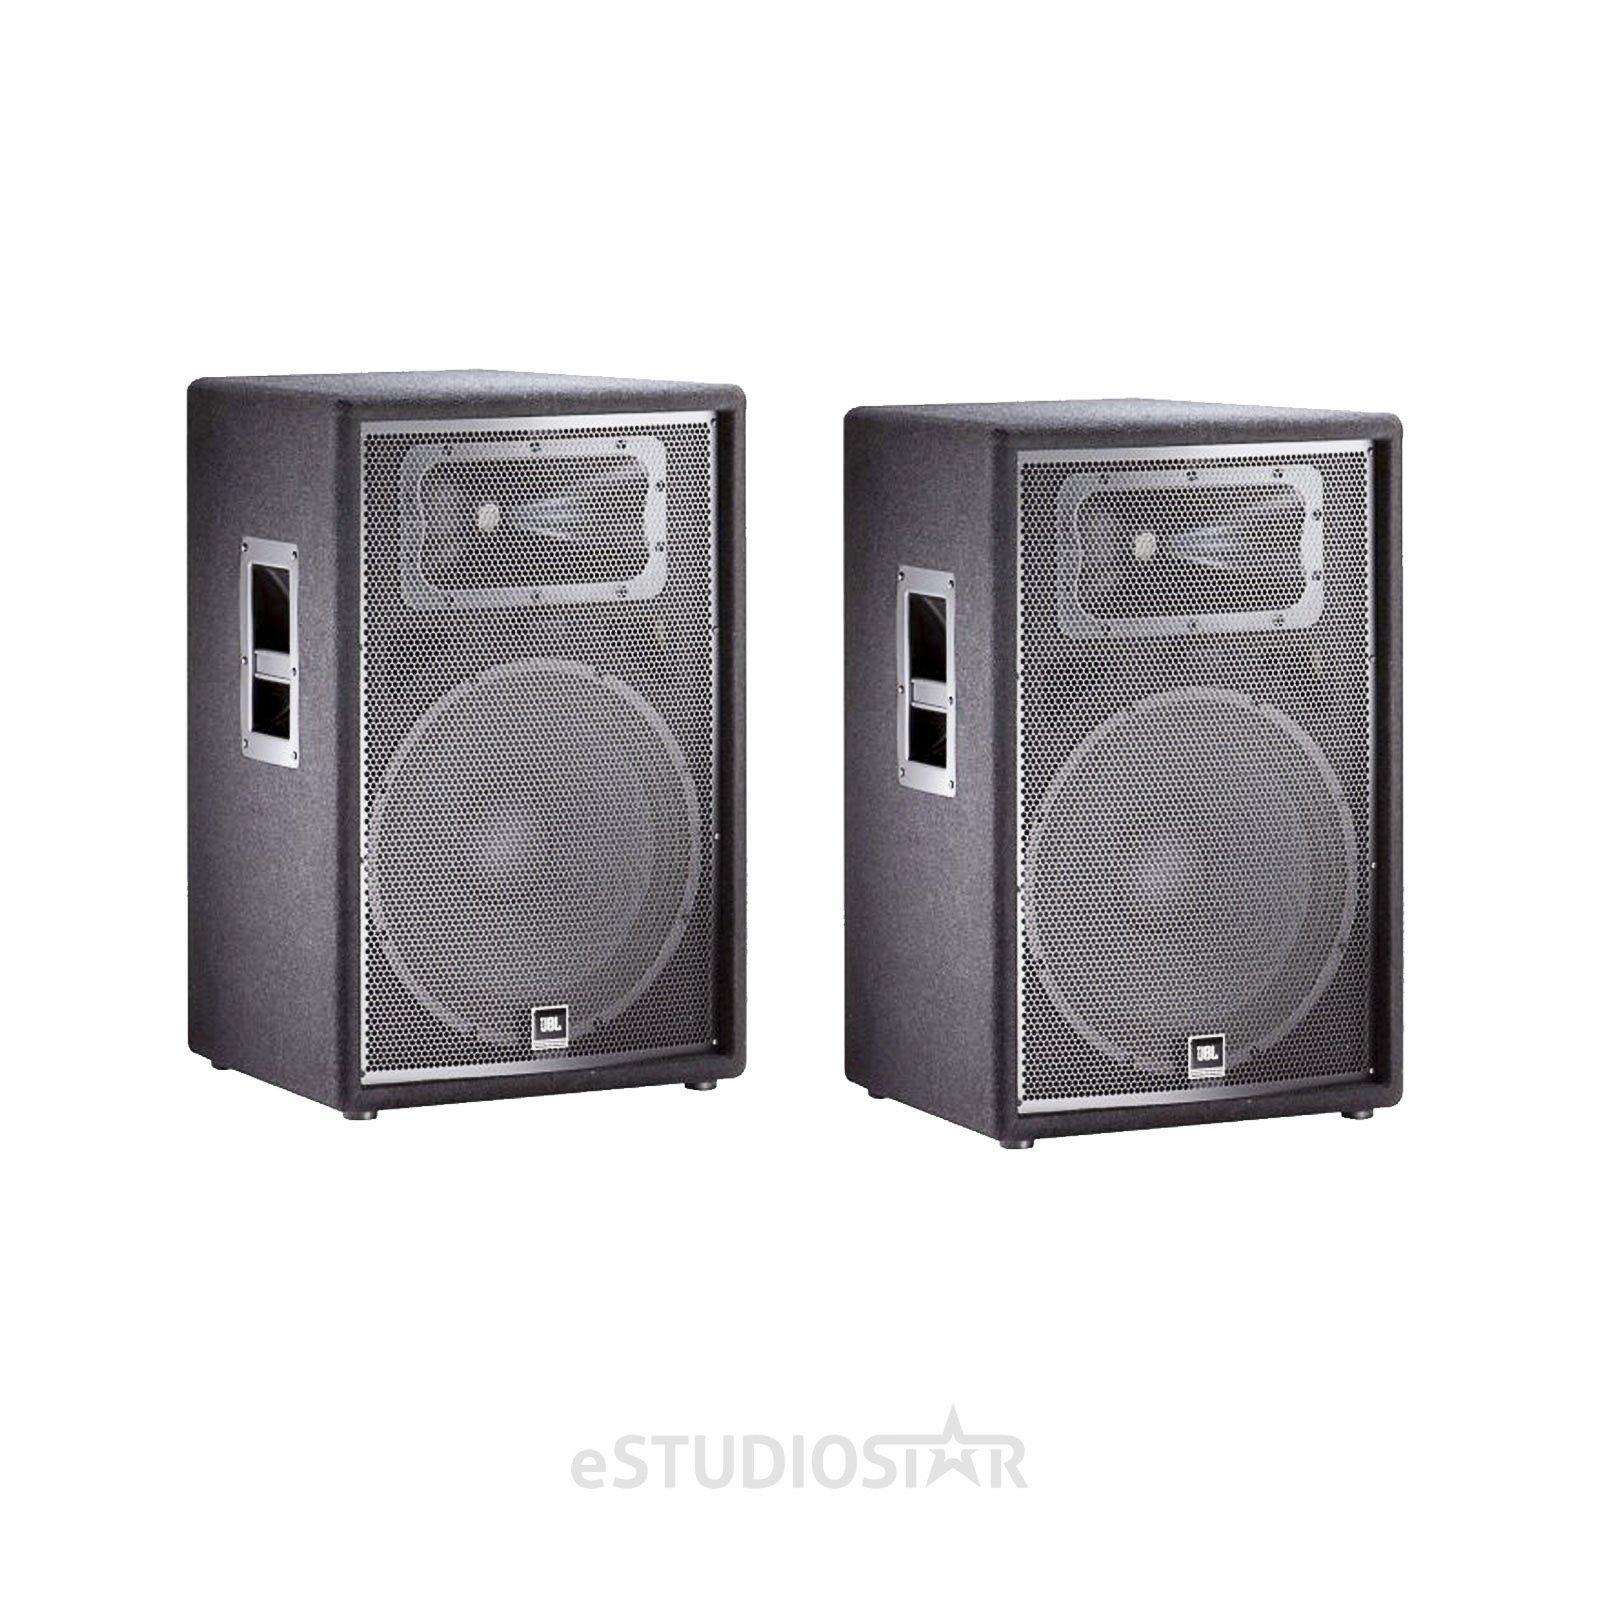 JBL JRX215 15' Passive Two-Way Speaker Pair PA Package by JBL